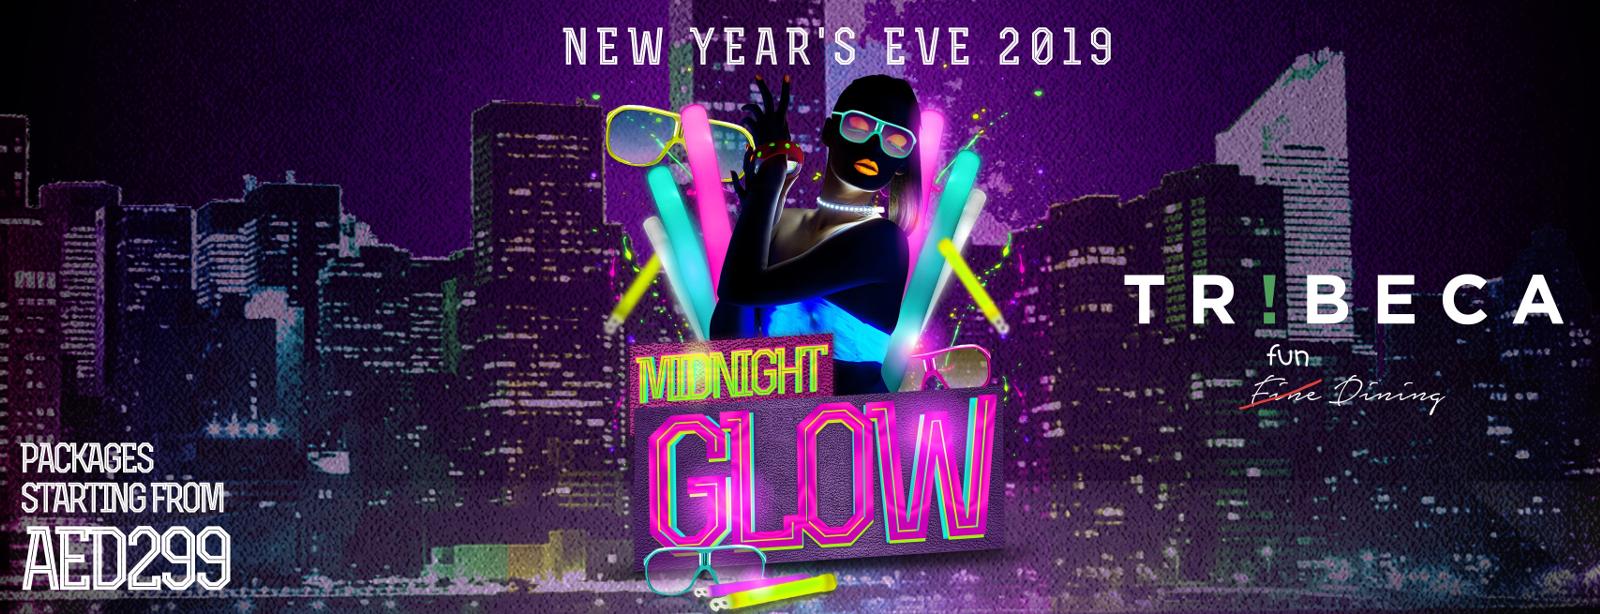 Tribeca's NYE 2019 Party – Midnight Glow